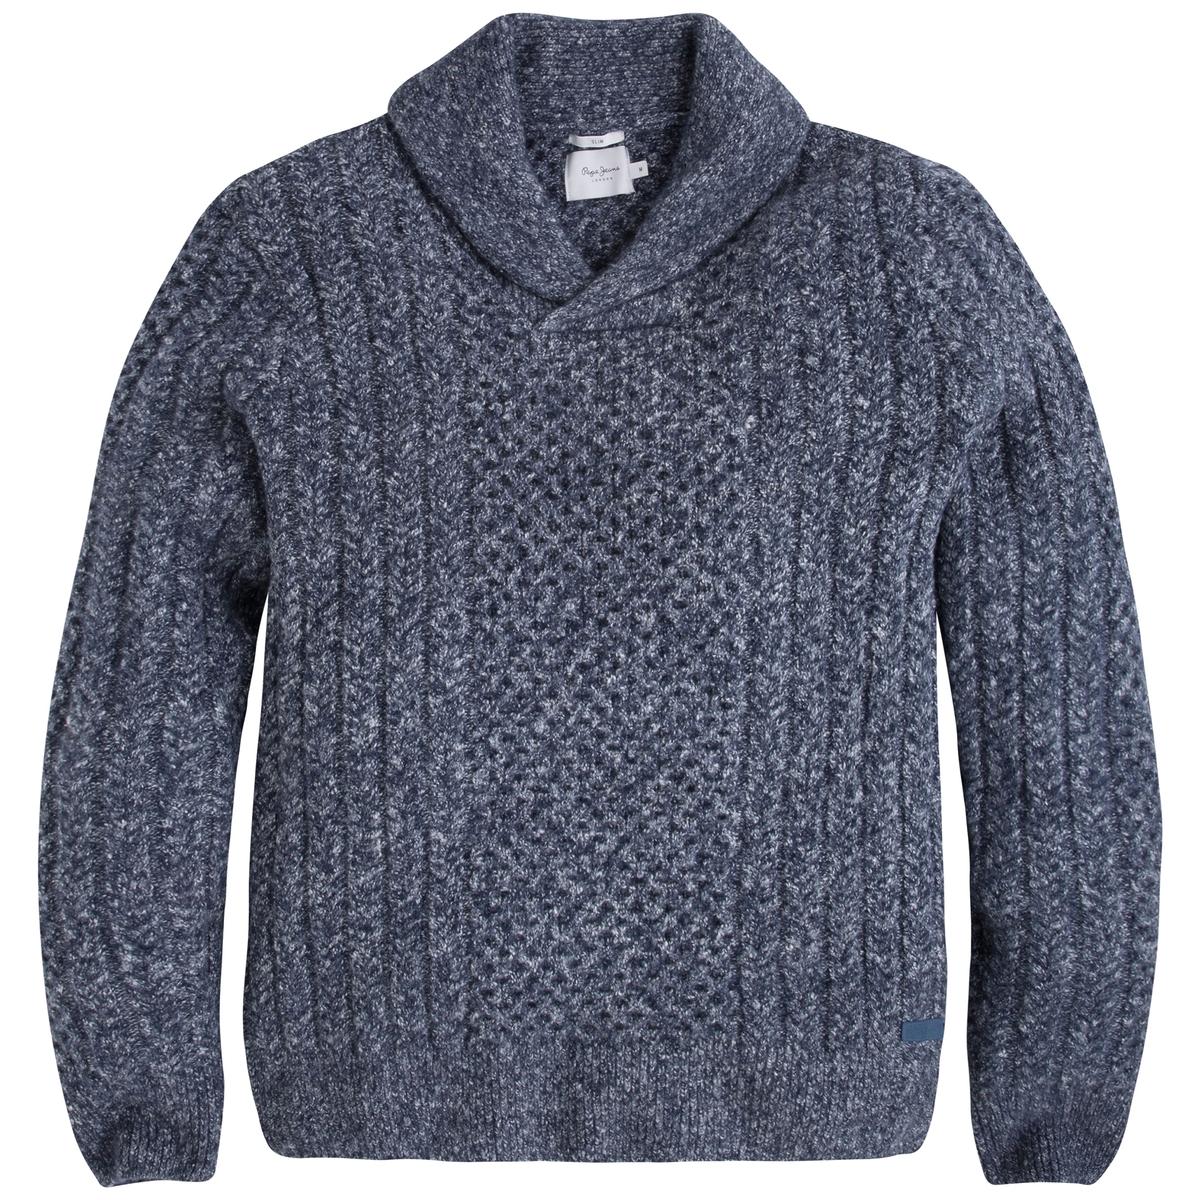 Пуловер крупной вязкиДетали  •  Длинные рукава  •  Шалевый воротник •  Плотный трикотаж Состав и уход  •  53% акрила, 31% хлопка, 1% эластана, 6% полиамида •  Следуйте советам по уходу, указанным на этикетке<br><br>Цвет: серый,синий